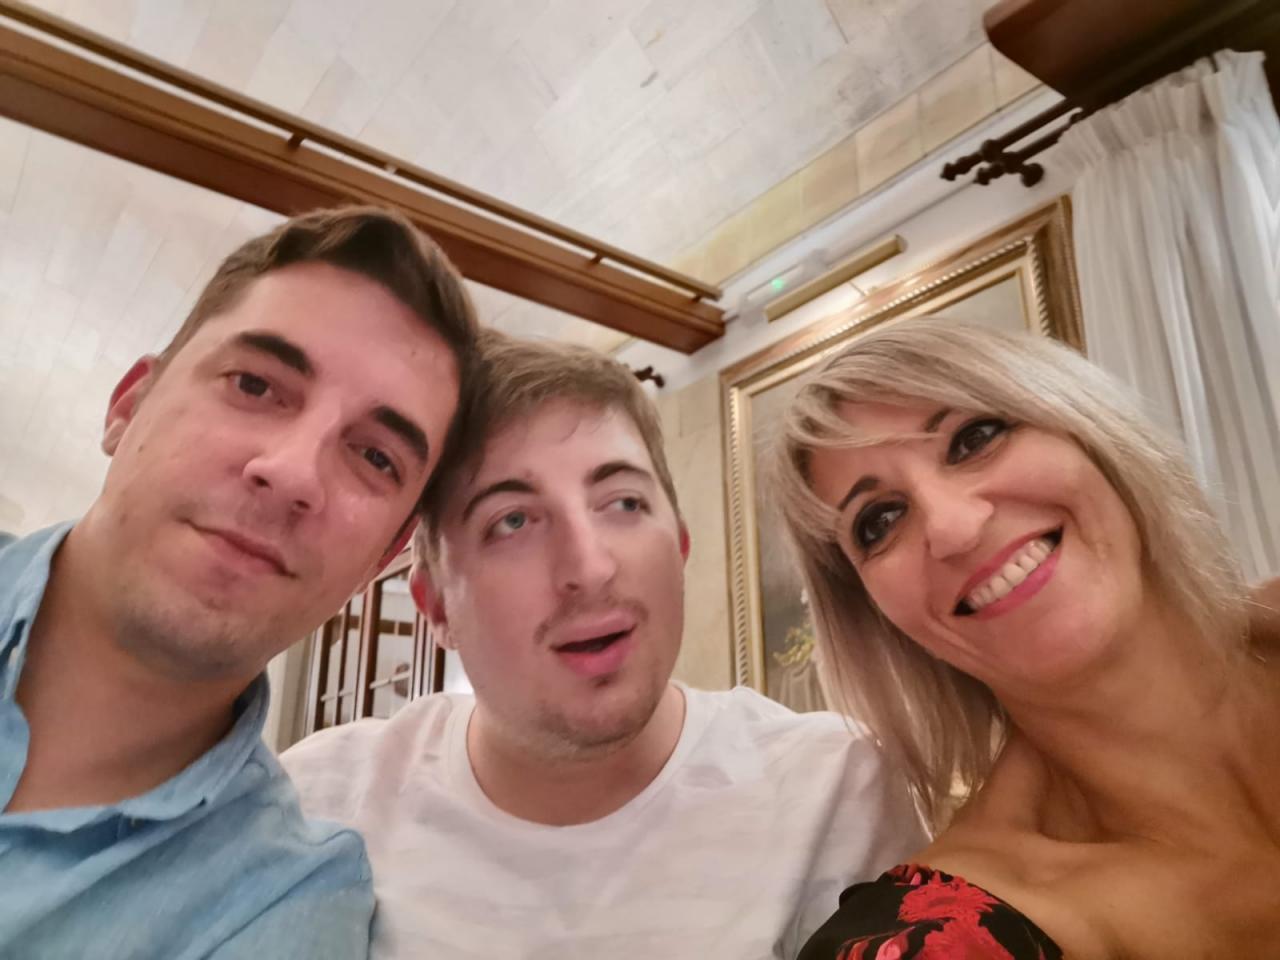 Roberto, en el centro, junto a su hermano y su madre